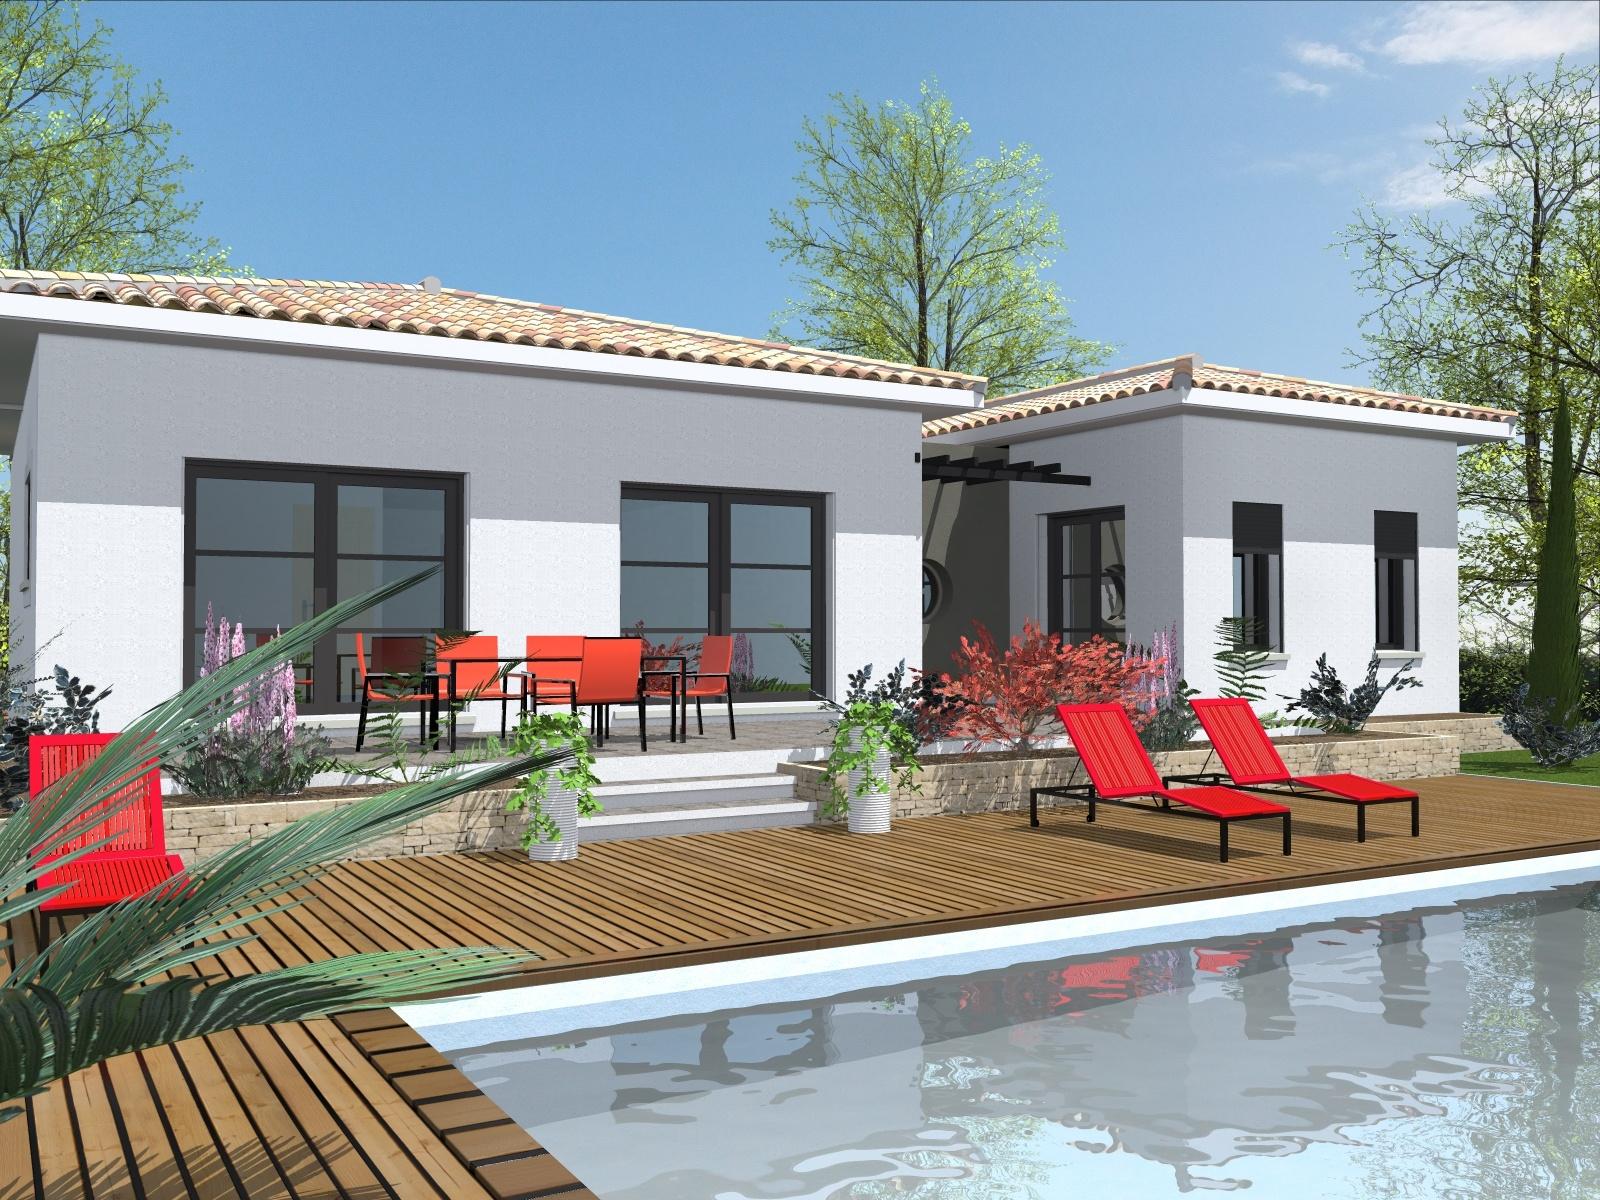 Maisons + Terrains du constructeur ART ET TRADITION MEDITERRANEE • 100 m² • LACOSTE